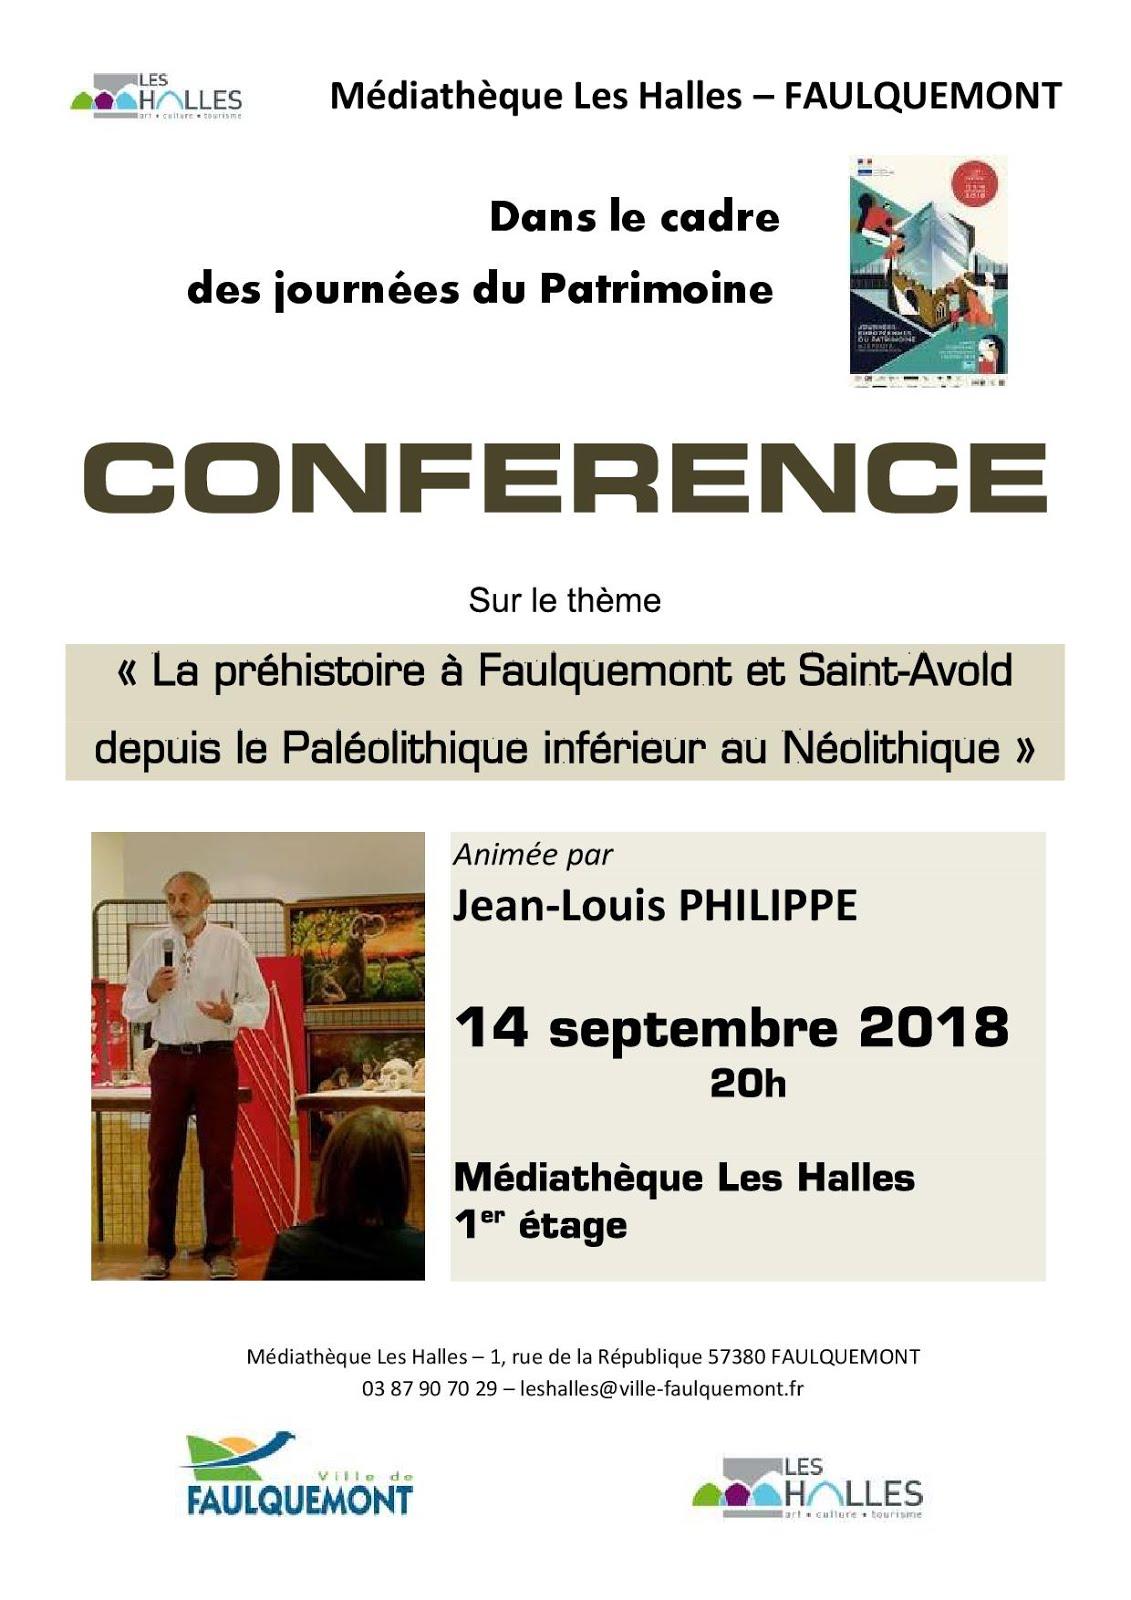 La préhistoire à Faulquemont et Sain-Avold